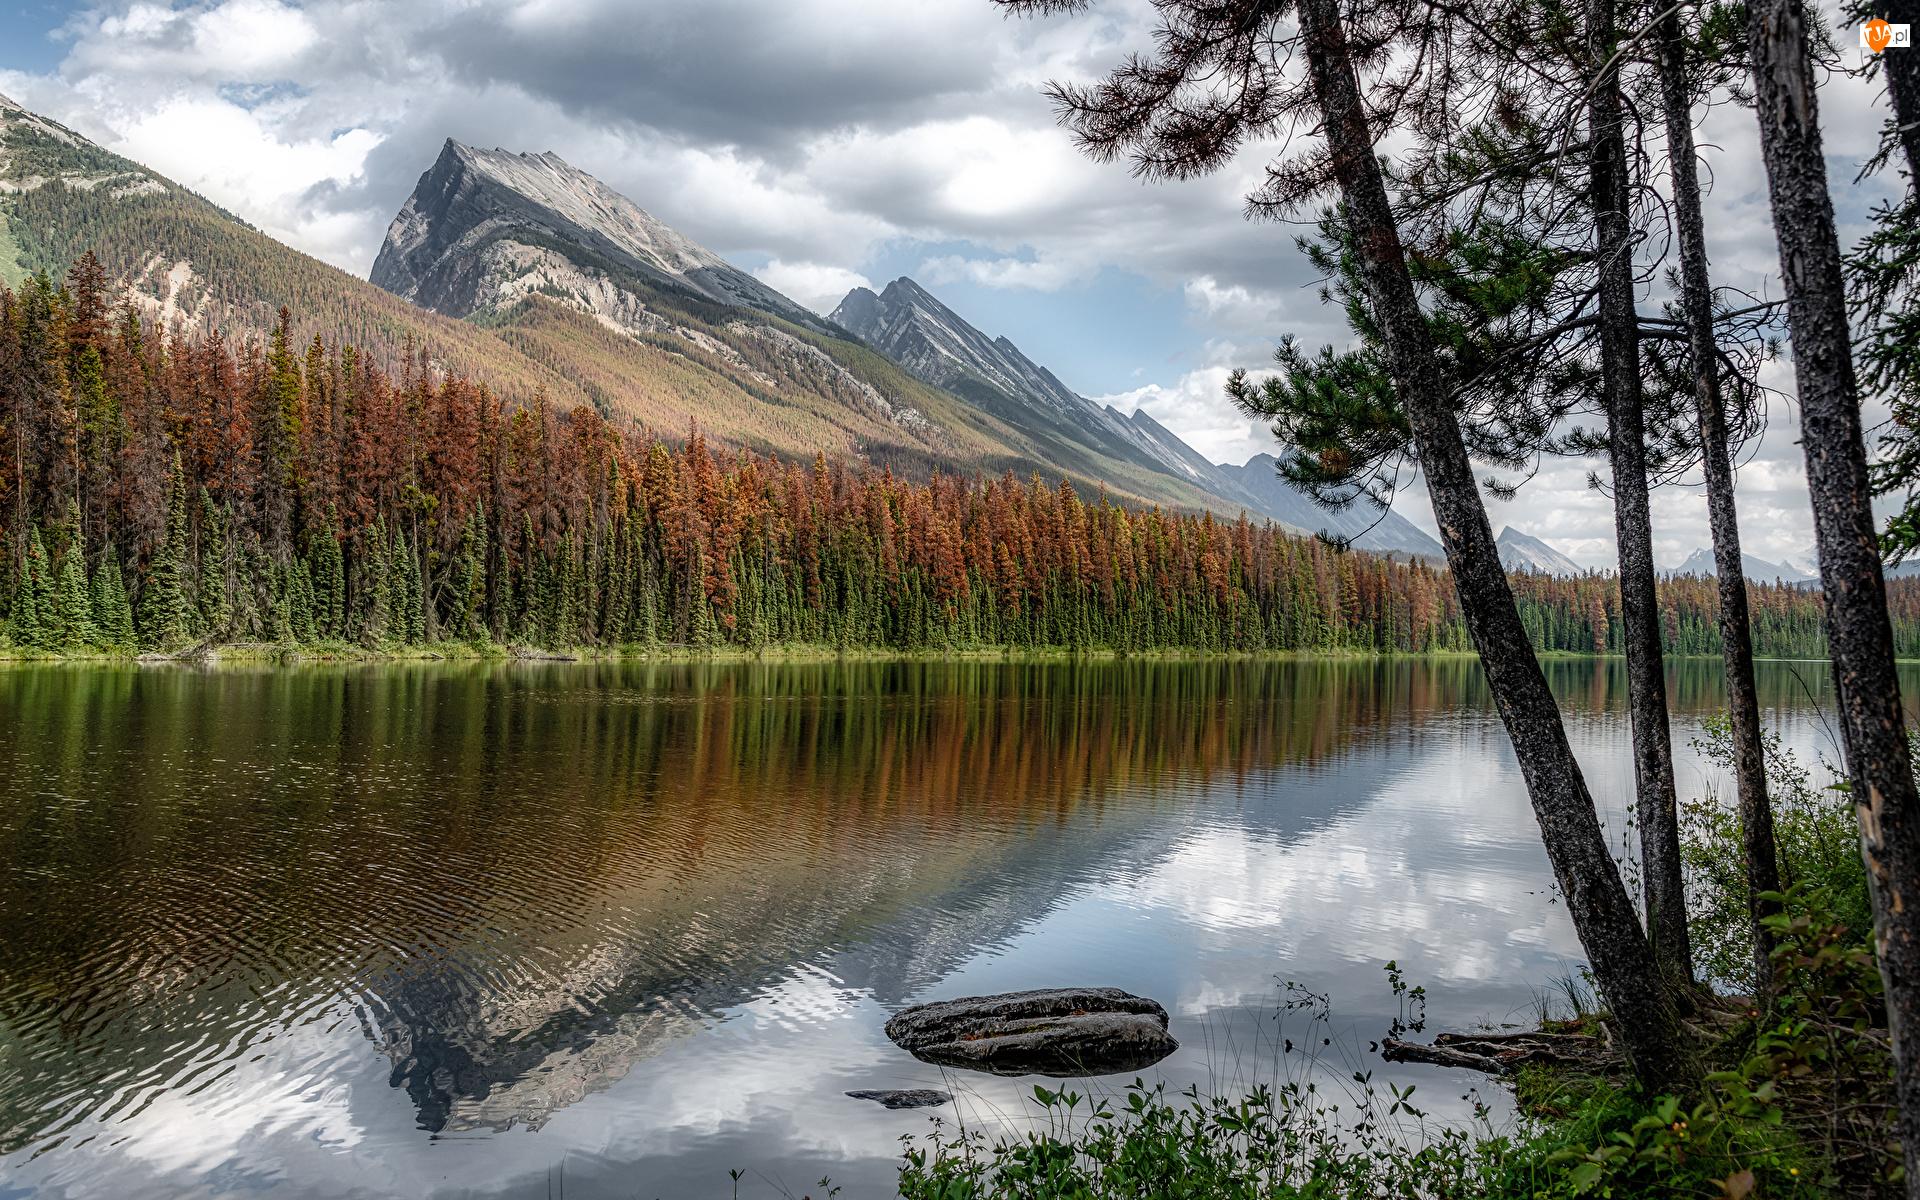 Park Narodowy Jasper, Las, Jezioro, Alberta, Drzewa, Honeymoon Lake, Kanada, Góry